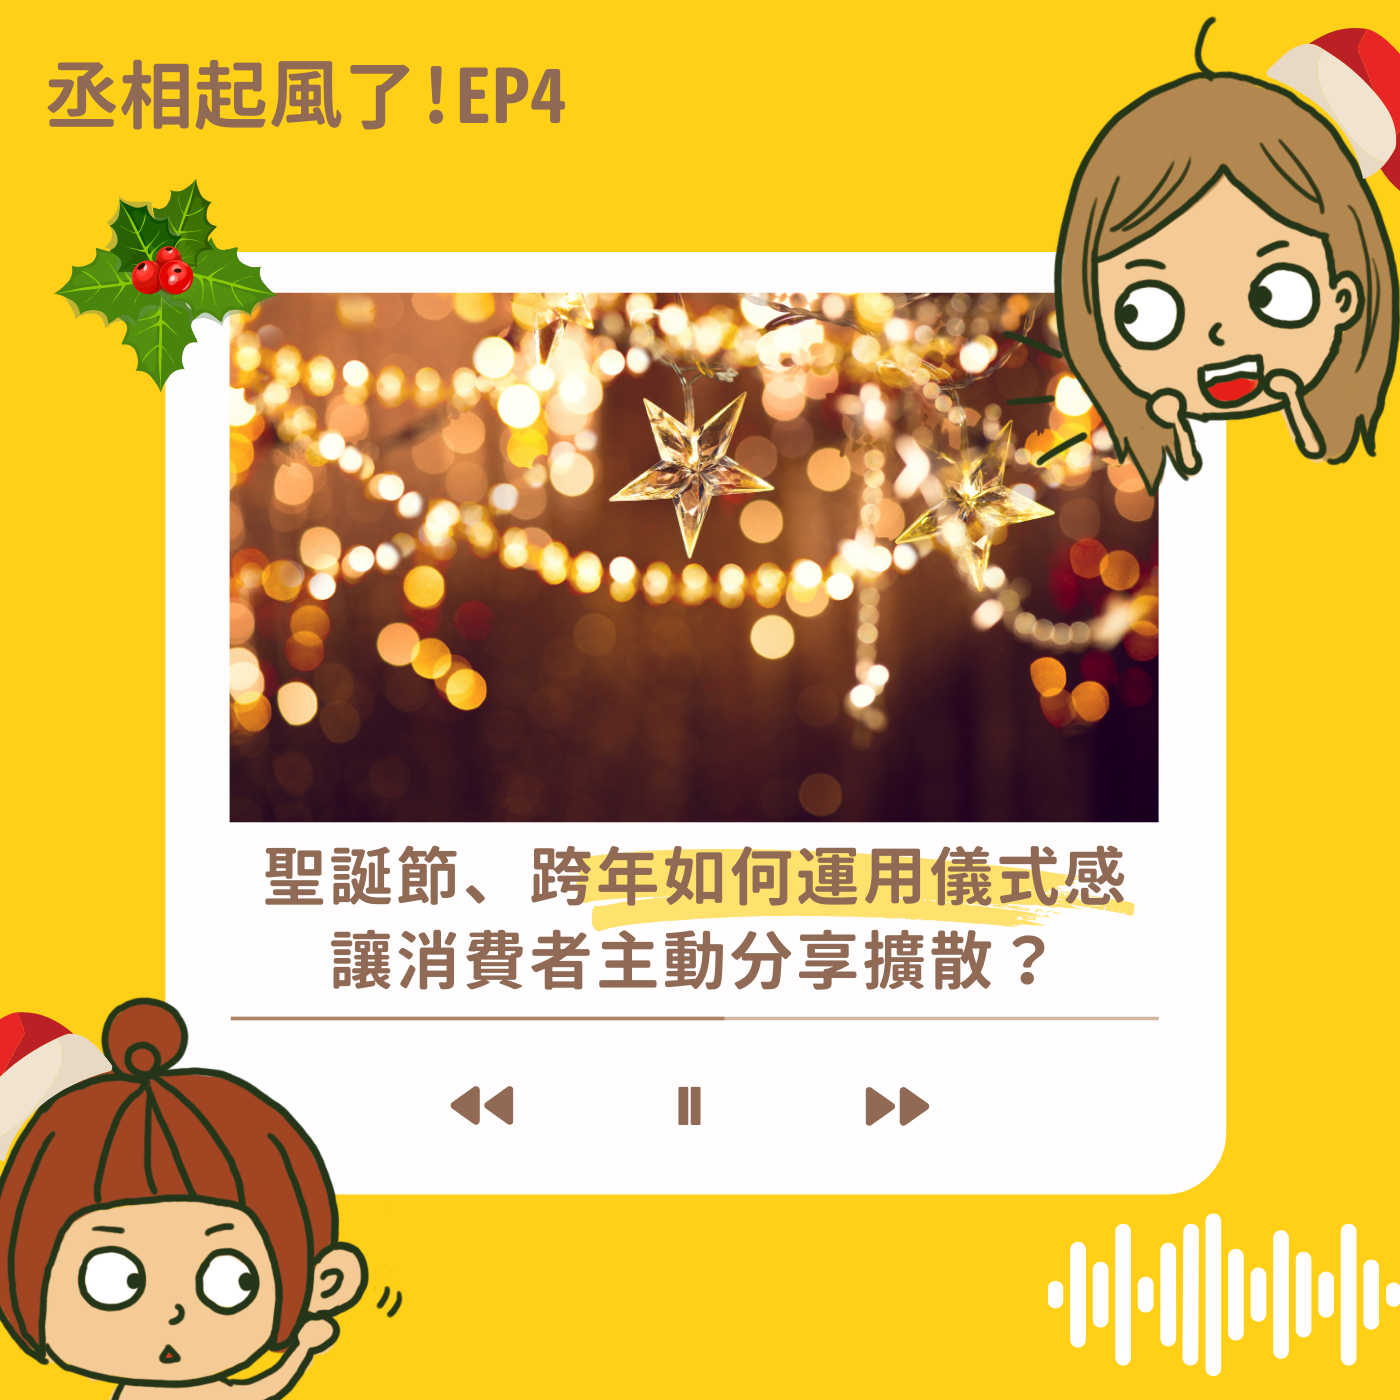 聖誕節、跨年如何運用節慶儀式感,讓消費者主動分享擴散?-EP 4